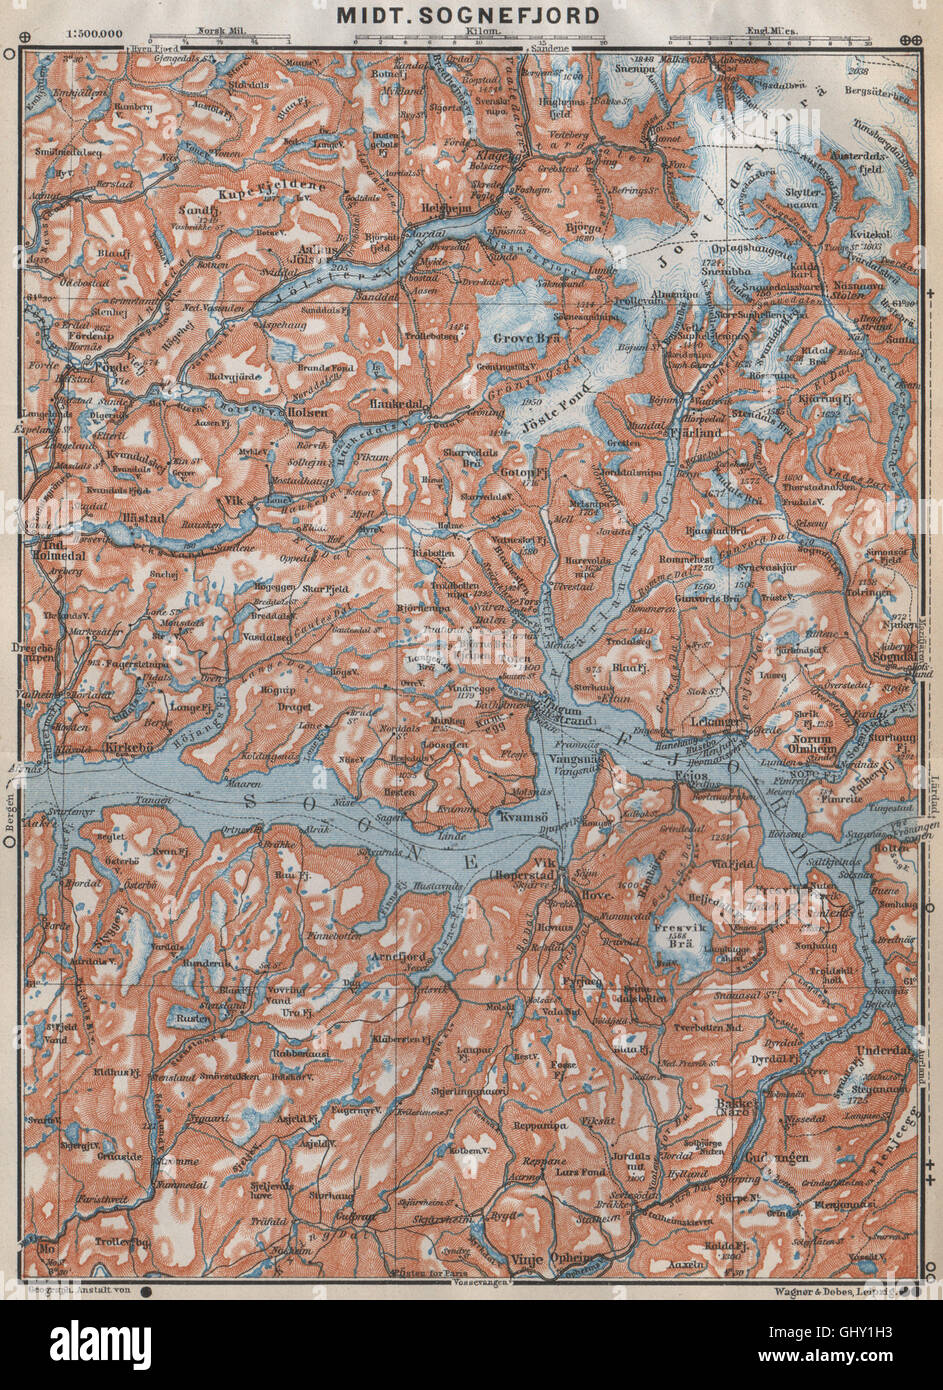 Central Sognefjord Topo Map Leikanger Sogndal Norway Kart Stock